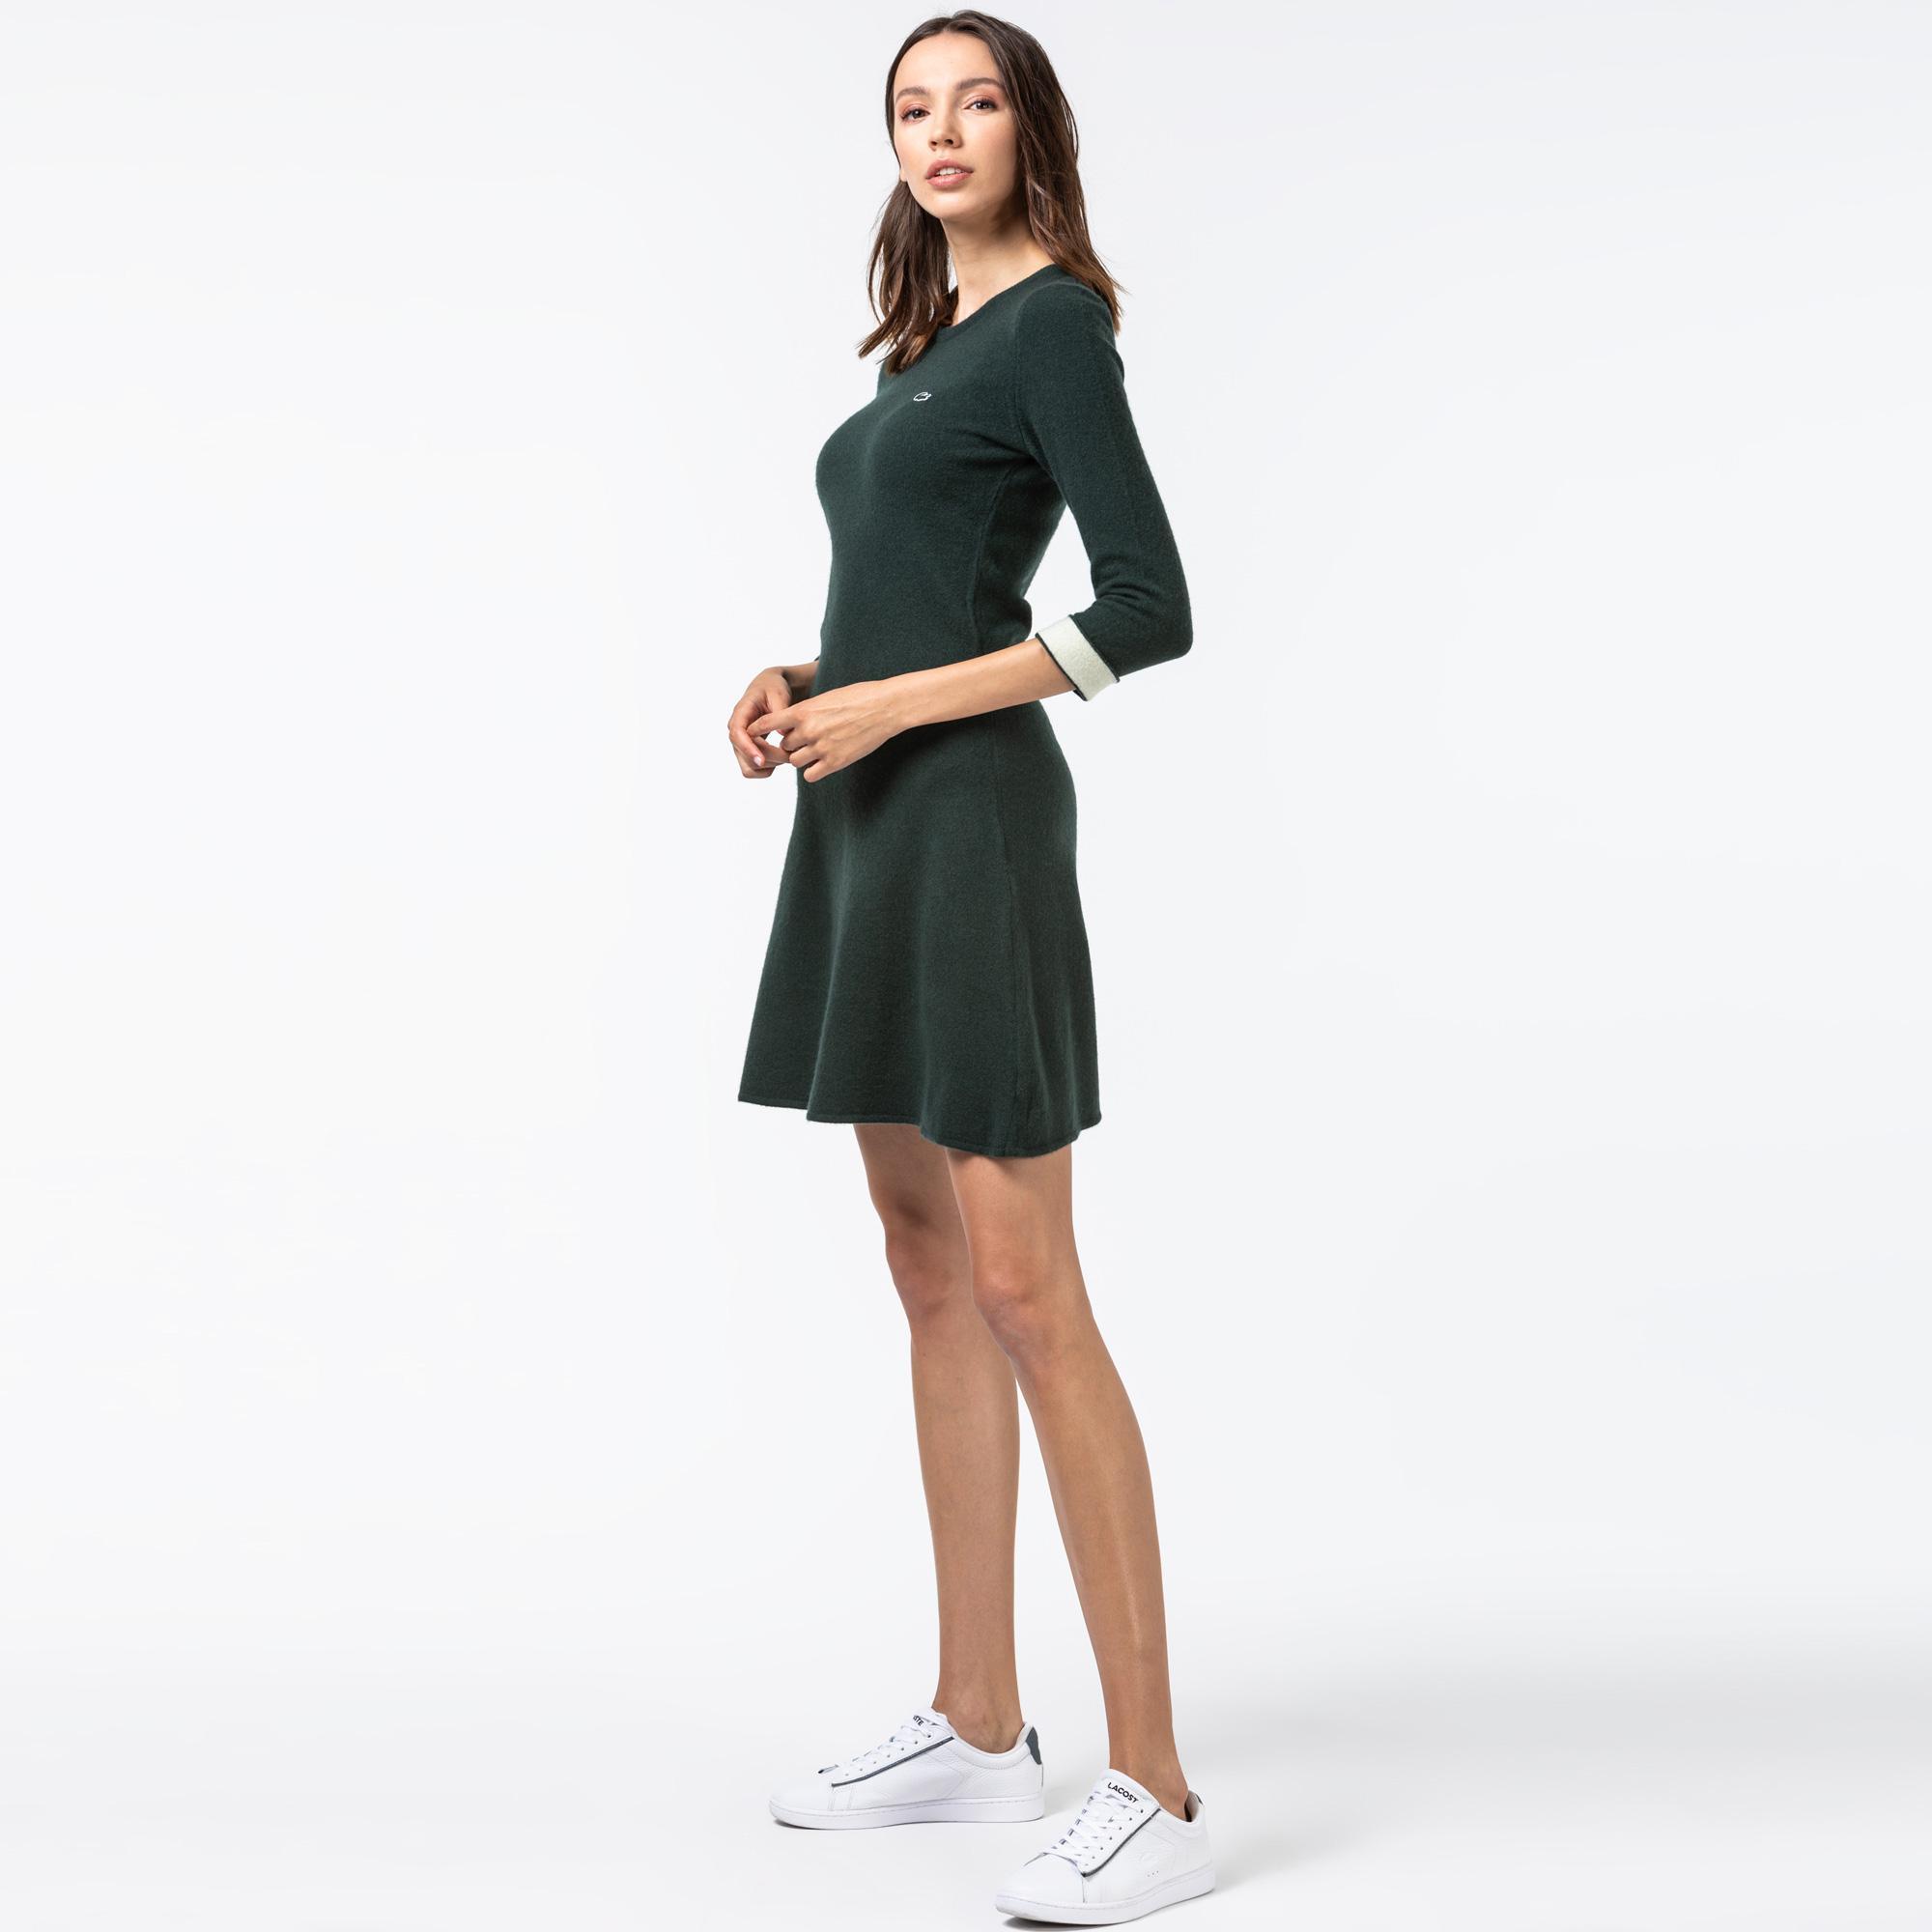 Lacoste Kadın Kaşmir Karışımlı Truvakar Kollu Yeşil Elbise